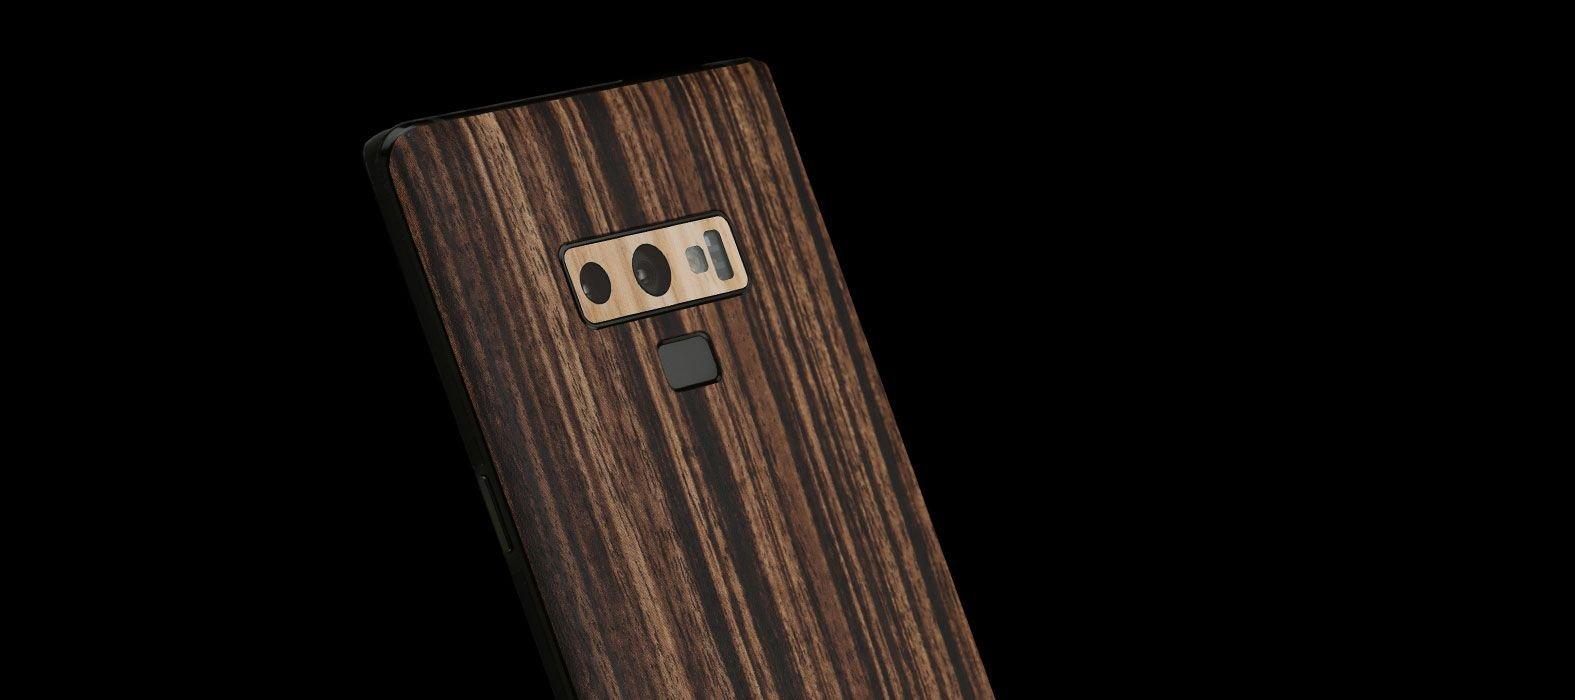 Galaxy Note 9 Zebra Wood Skins